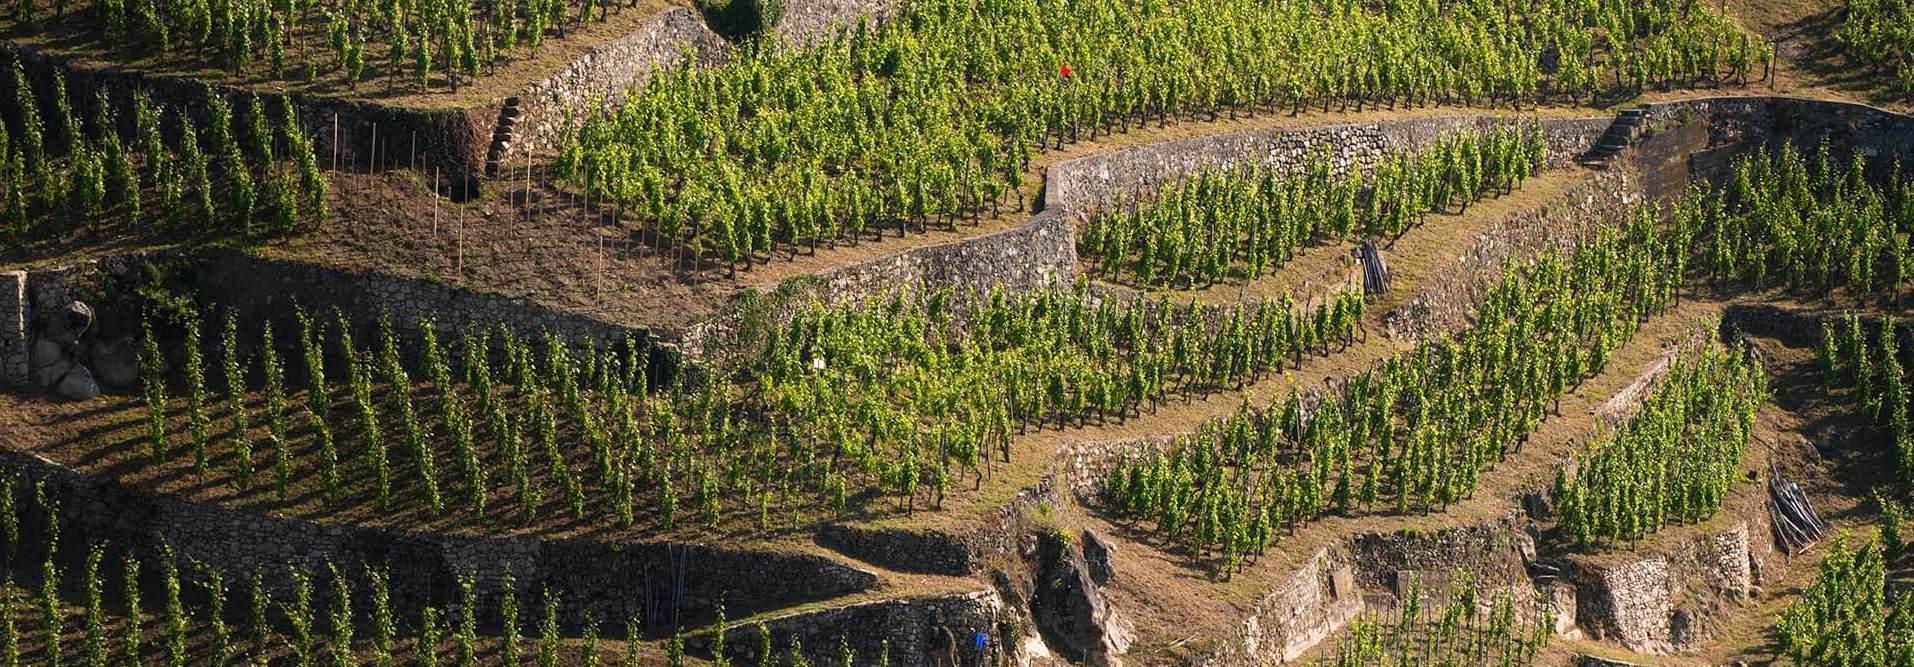 chemindesaintjacques.com-Geneve-Le-Puy-Vue-avec-fleuve-2-©-X.-Pages-3